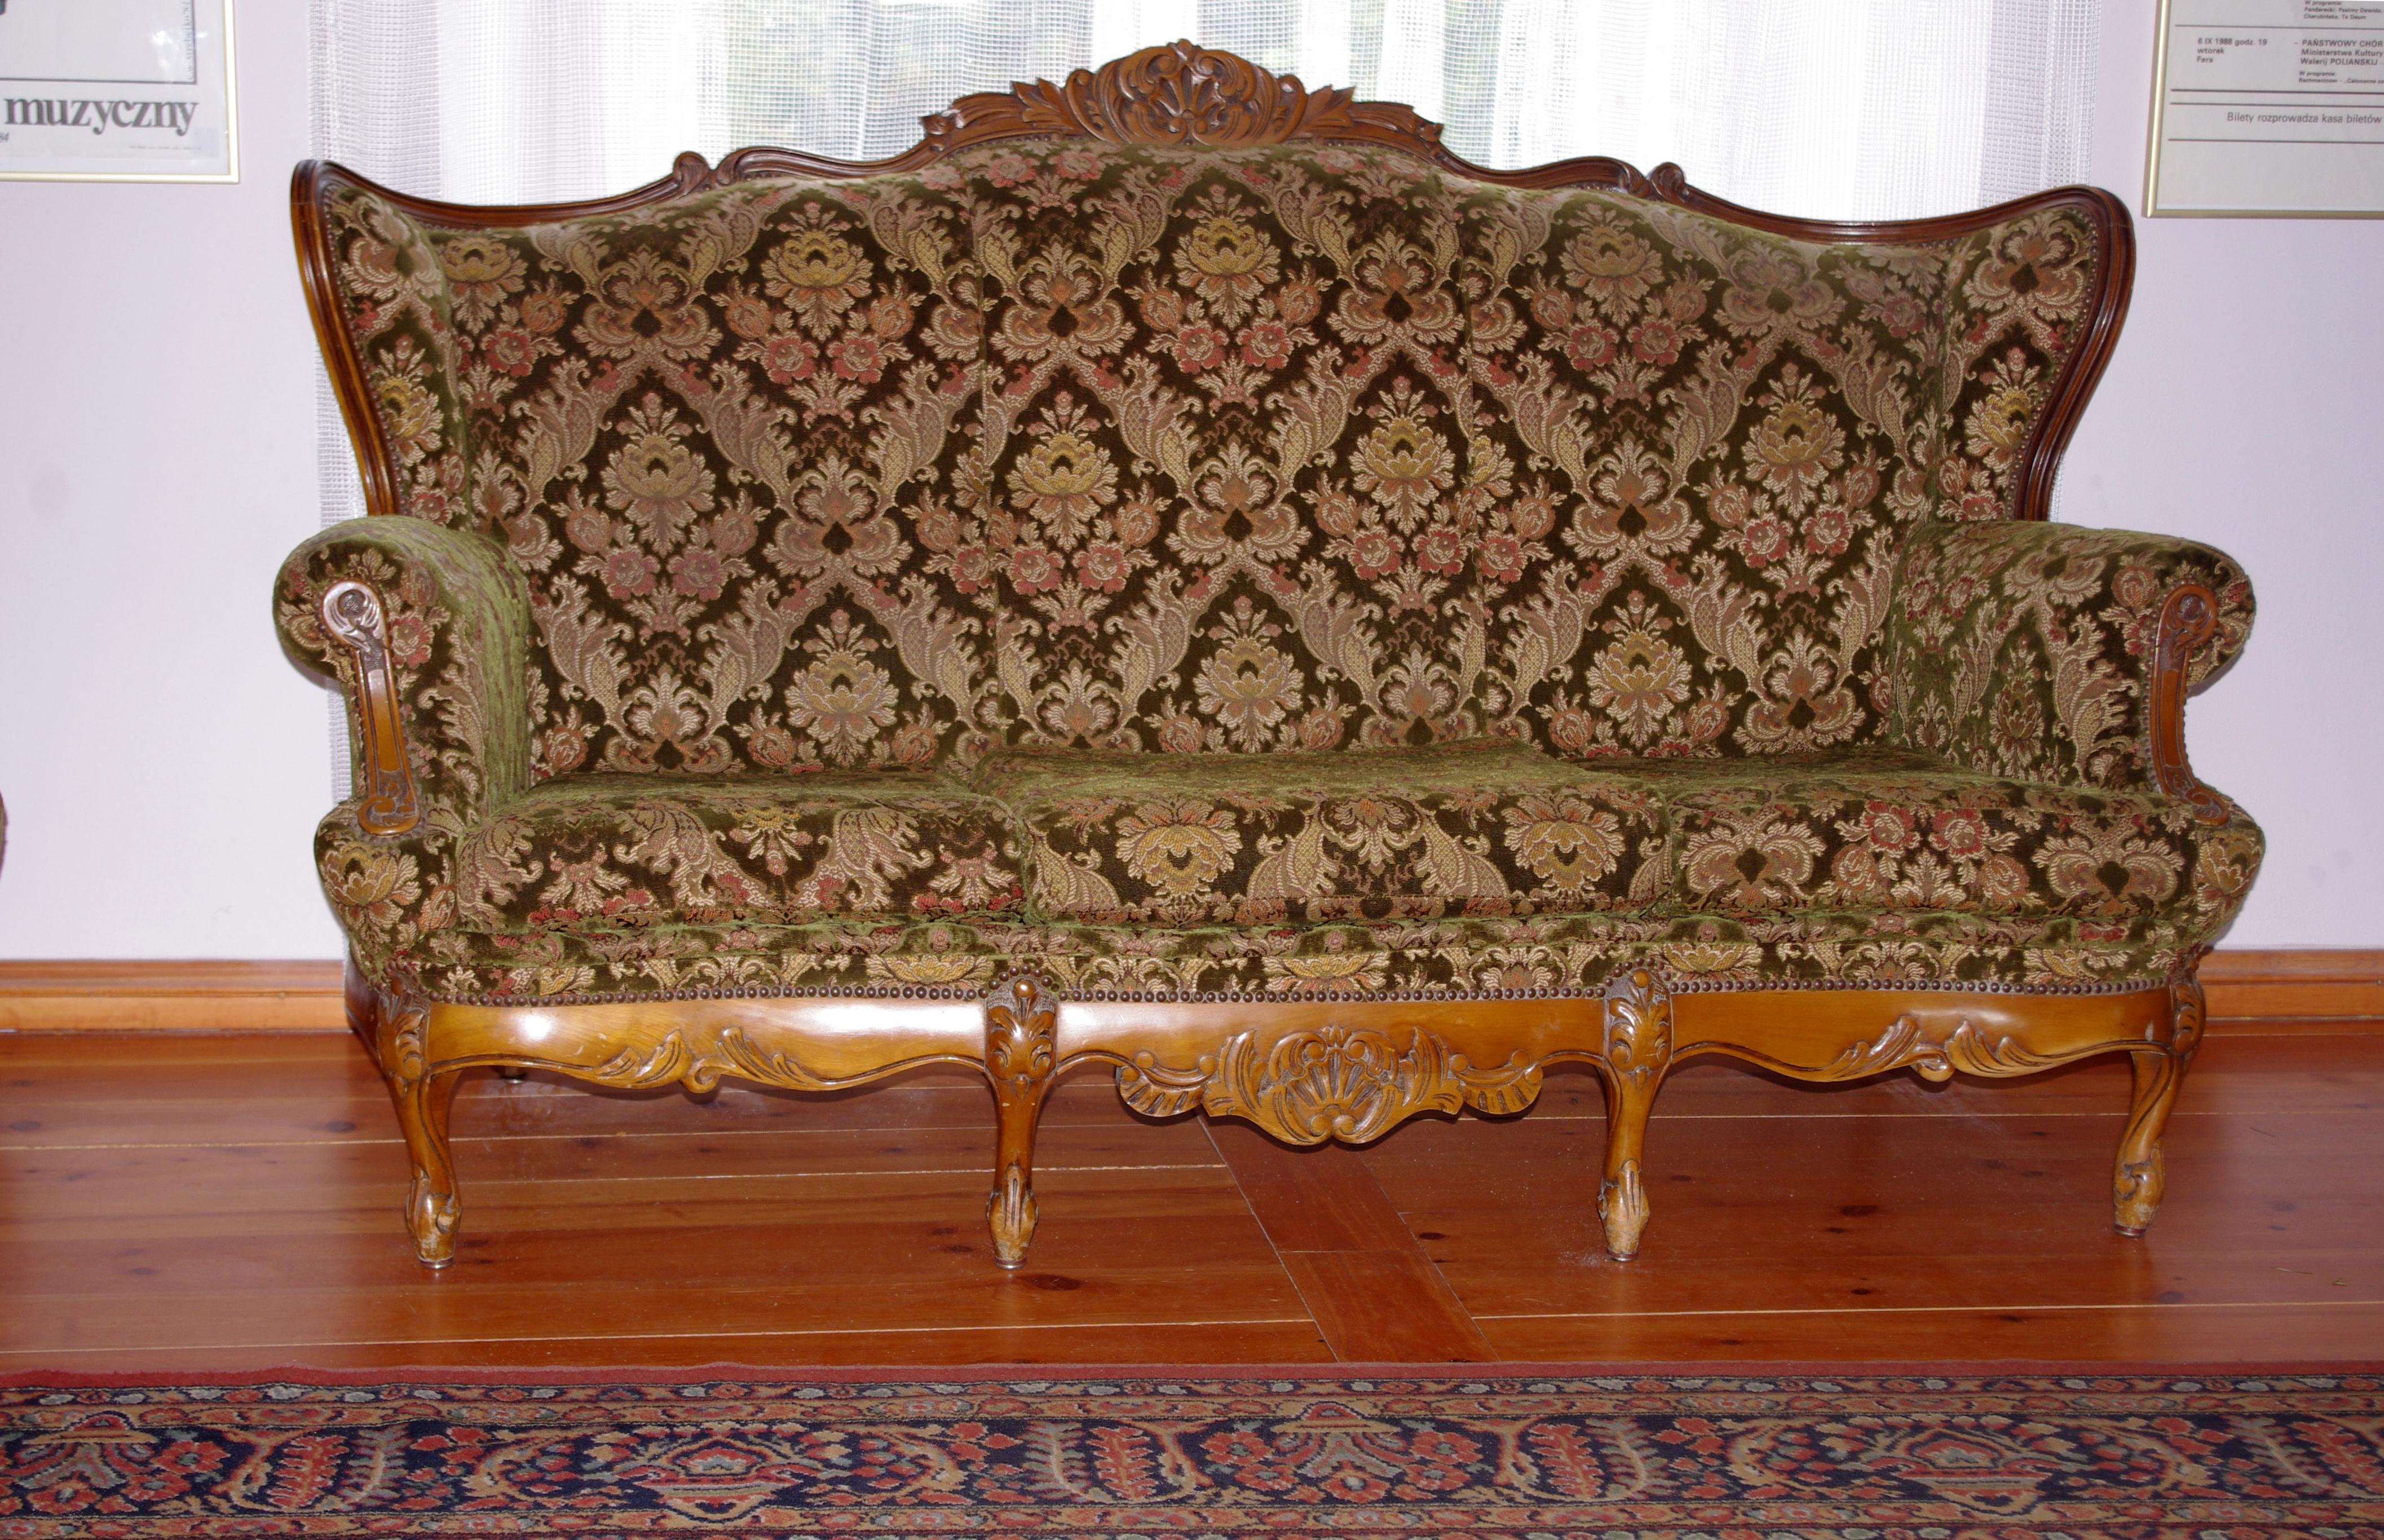 File Ozdobna sofa w Starym Palacu w Ostromecku JPG Wikimedia mons